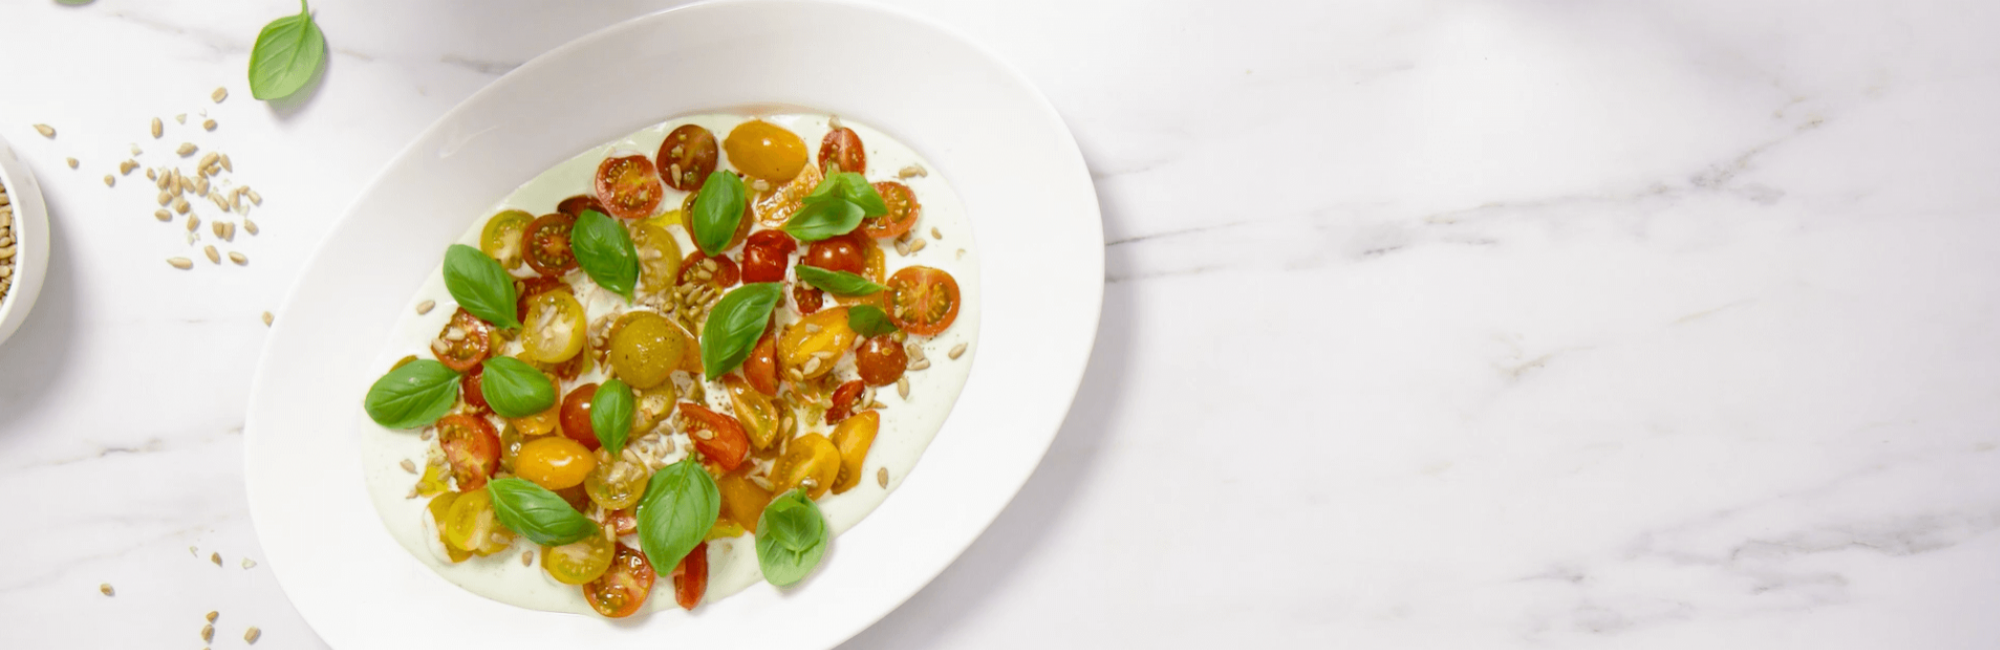 Sla, tomaten, mozzarella, basilicum